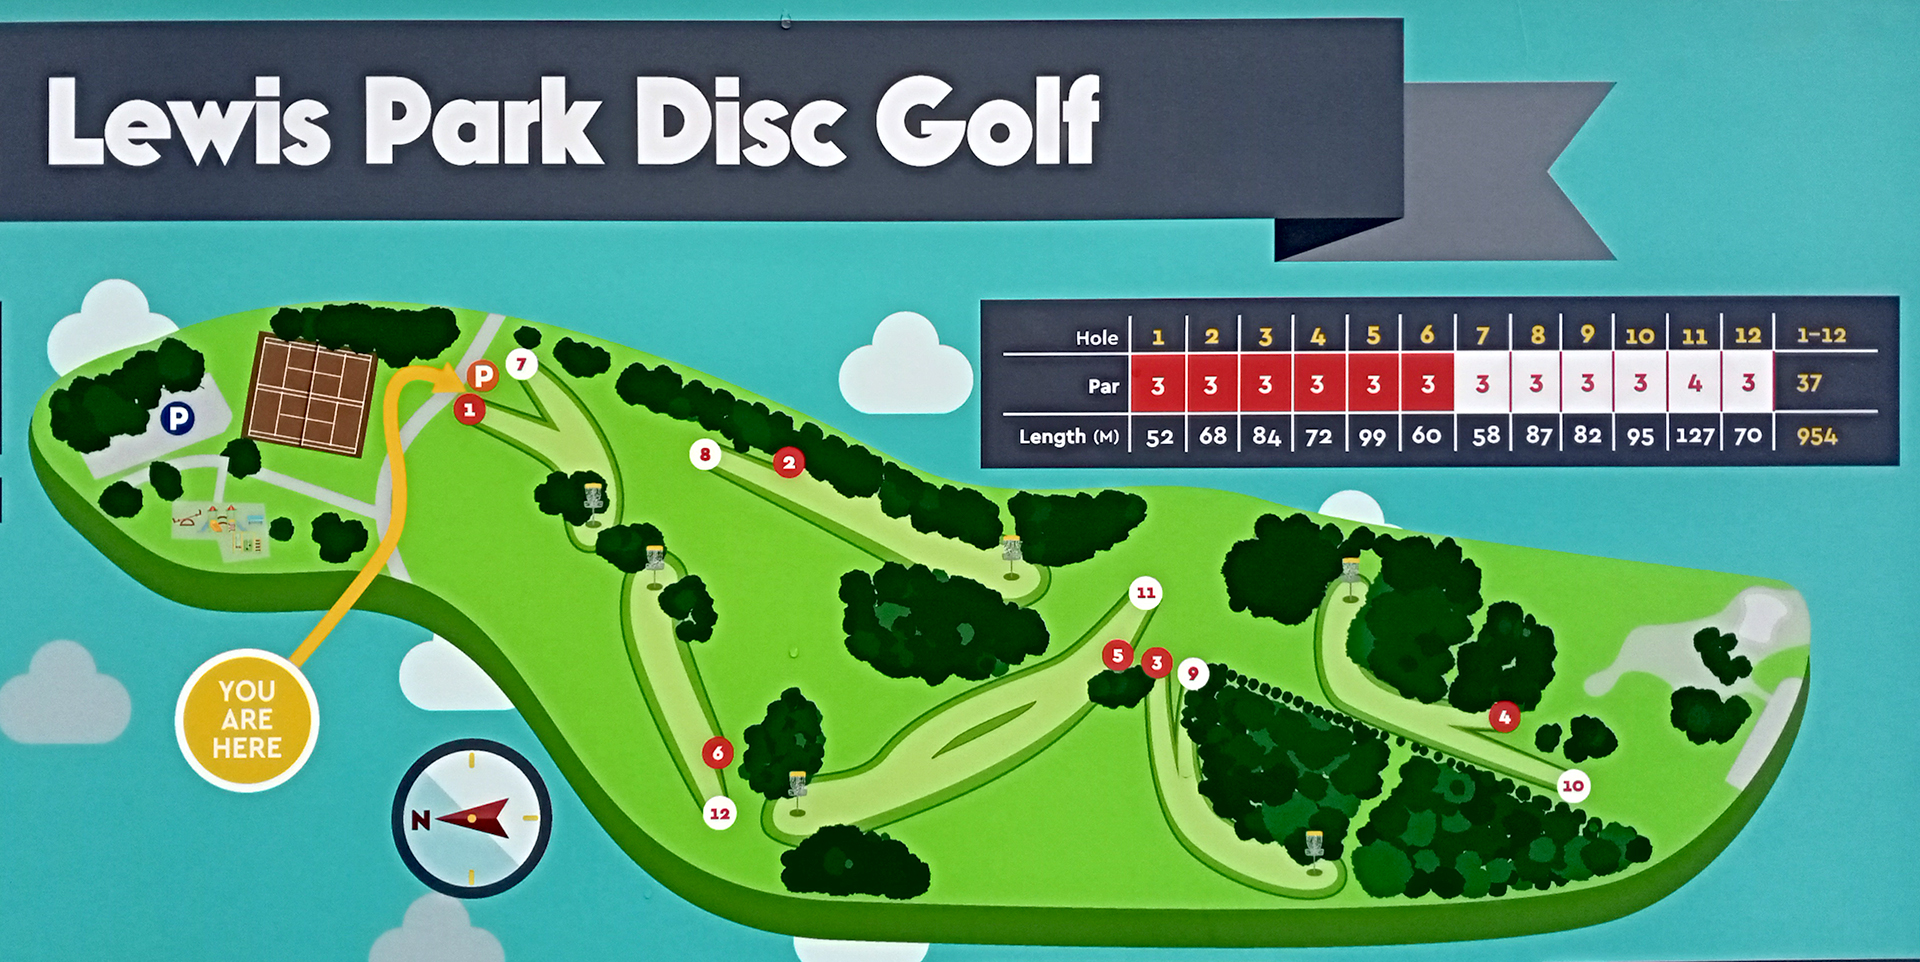 Lewis Park Disc Golf course map